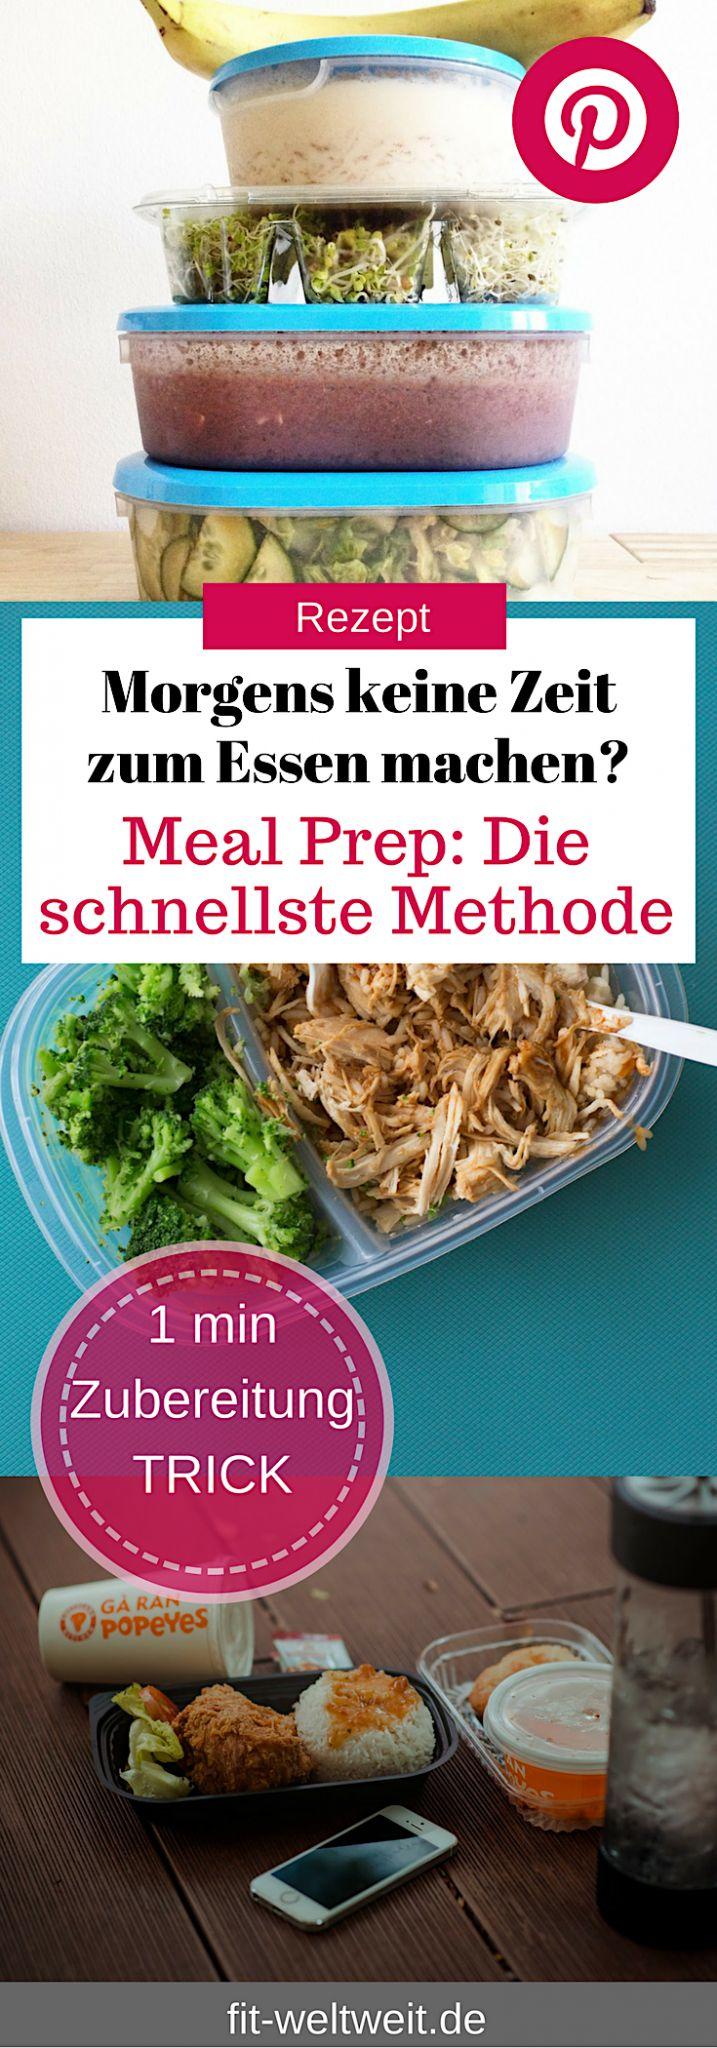 Meal Prep: Essen schnell zubereiten. Dieses Meal Prep ist für Anfänger. Einfache Rezepte (vegetarisch). Mit diesem Meal Prep kannst du auch abnehmen. Ohne großen Aufwand Essen zubereiten und Zeit sparen #MealPrep #Boxen #Rezepte